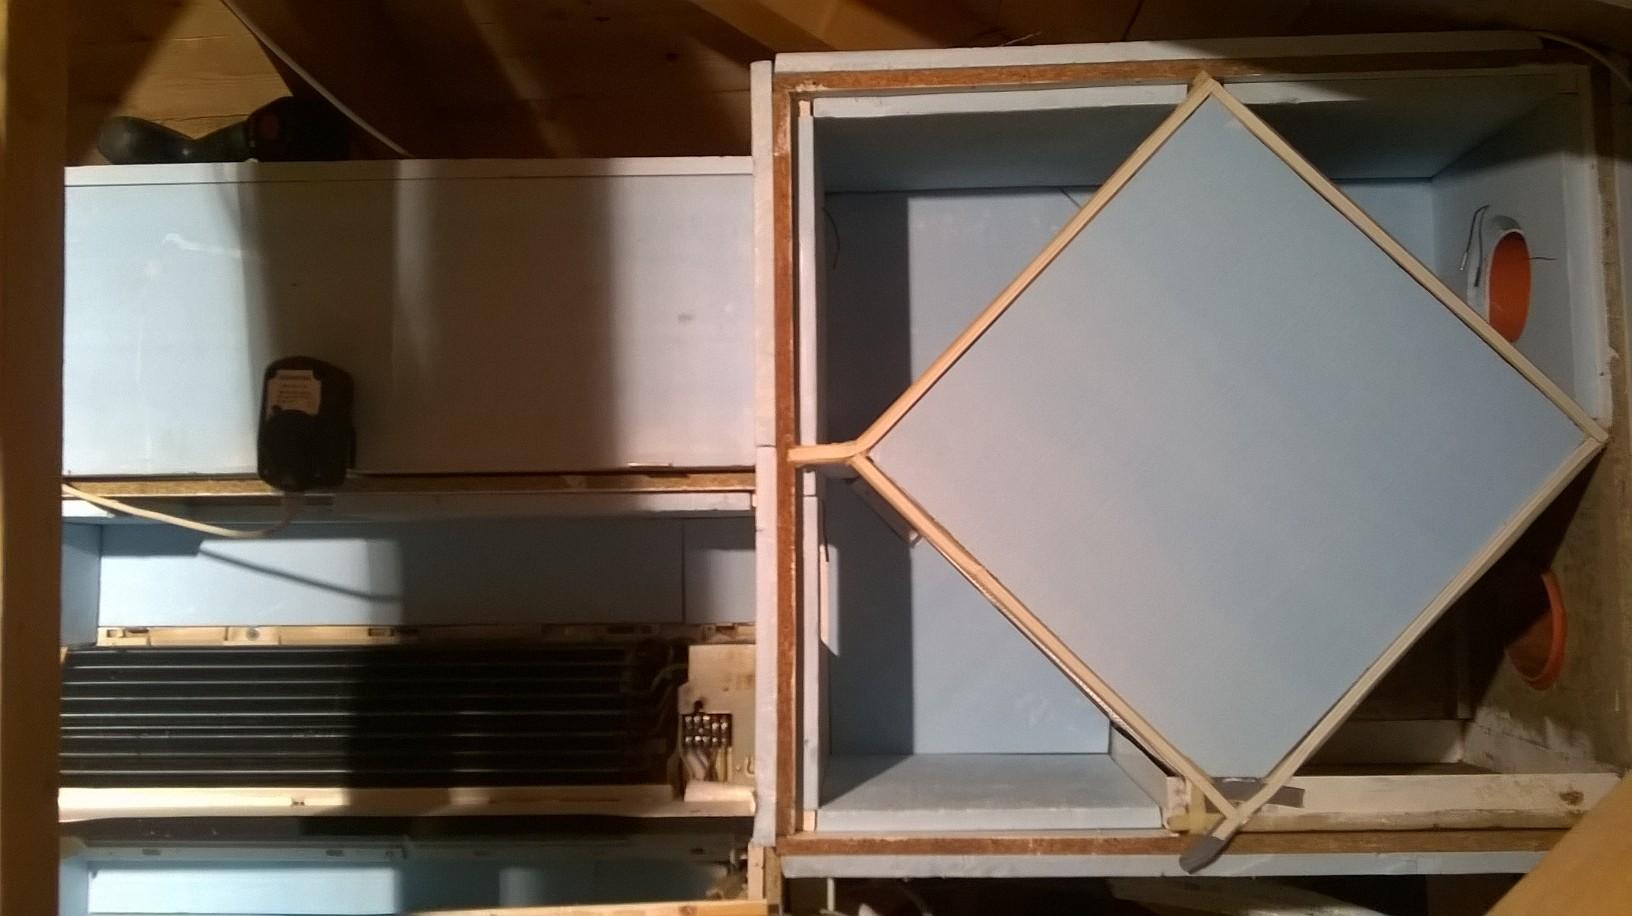 Recuperatore di calore fai da te pompa depressione - Scambiatore di calore casa ...